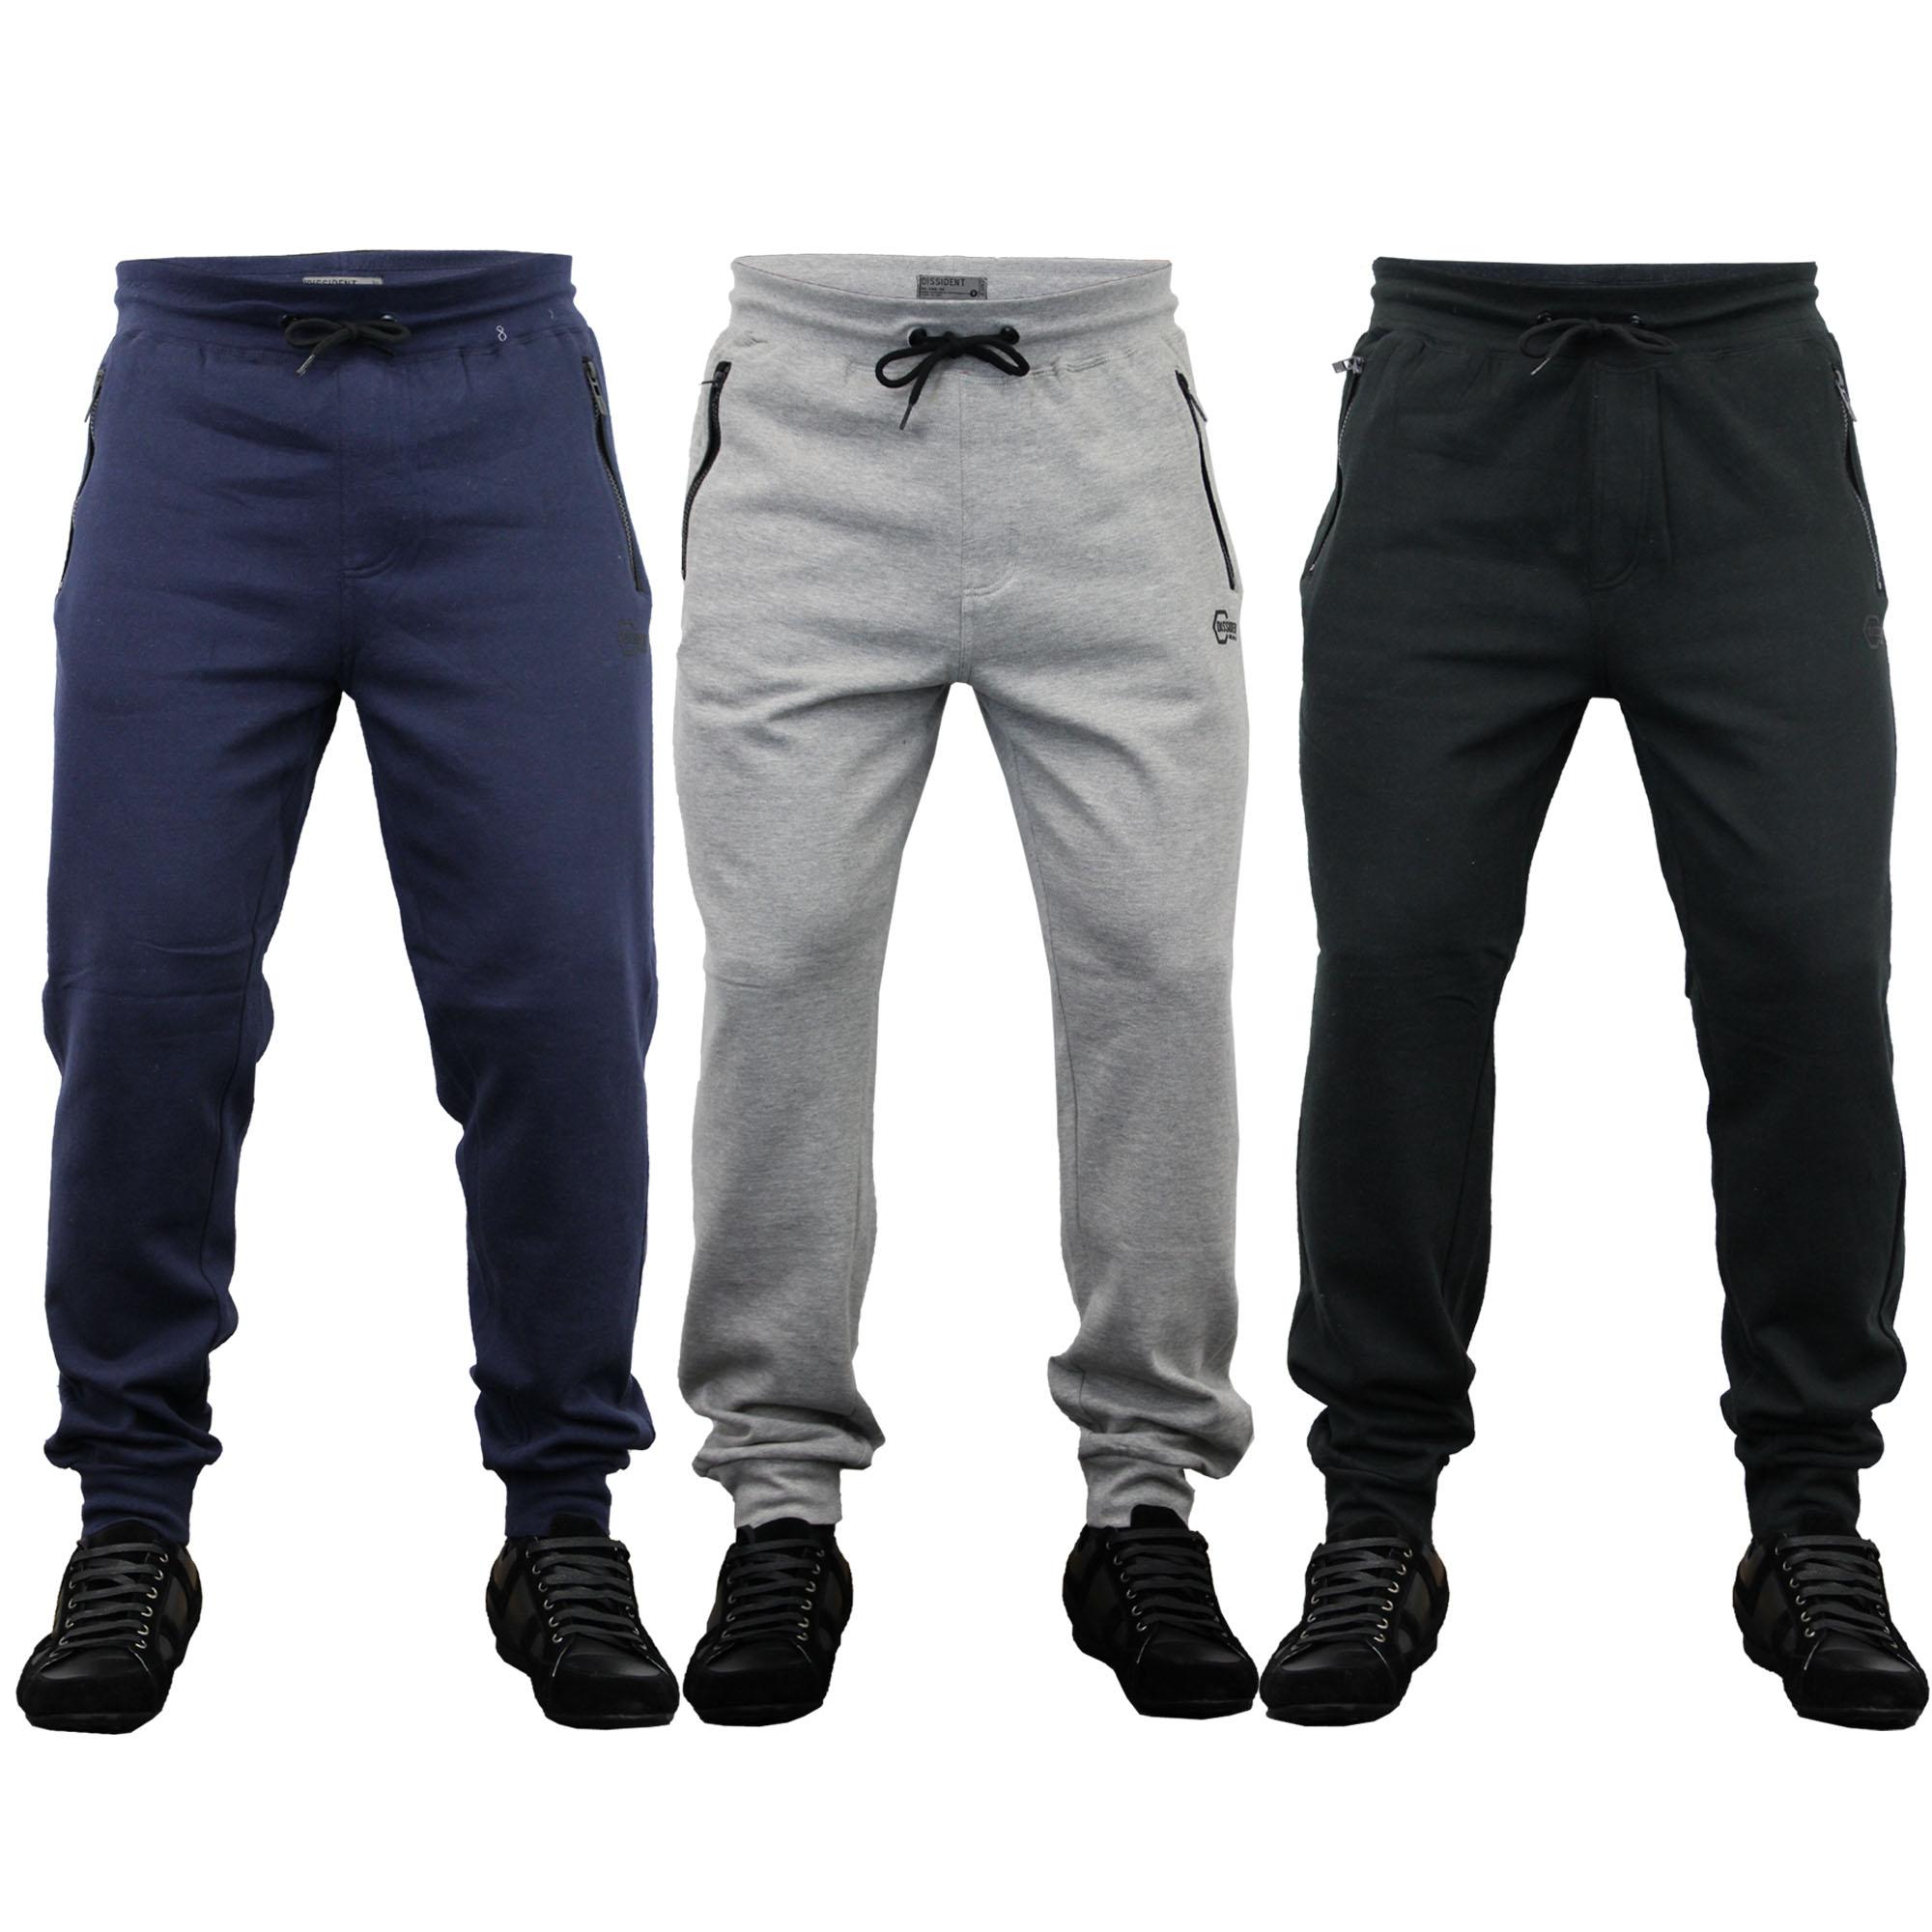 hommes bas dissident pantalon de jogging pantalon lastique cheville ebay. Black Bedroom Furniture Sets. Home Design Ideas